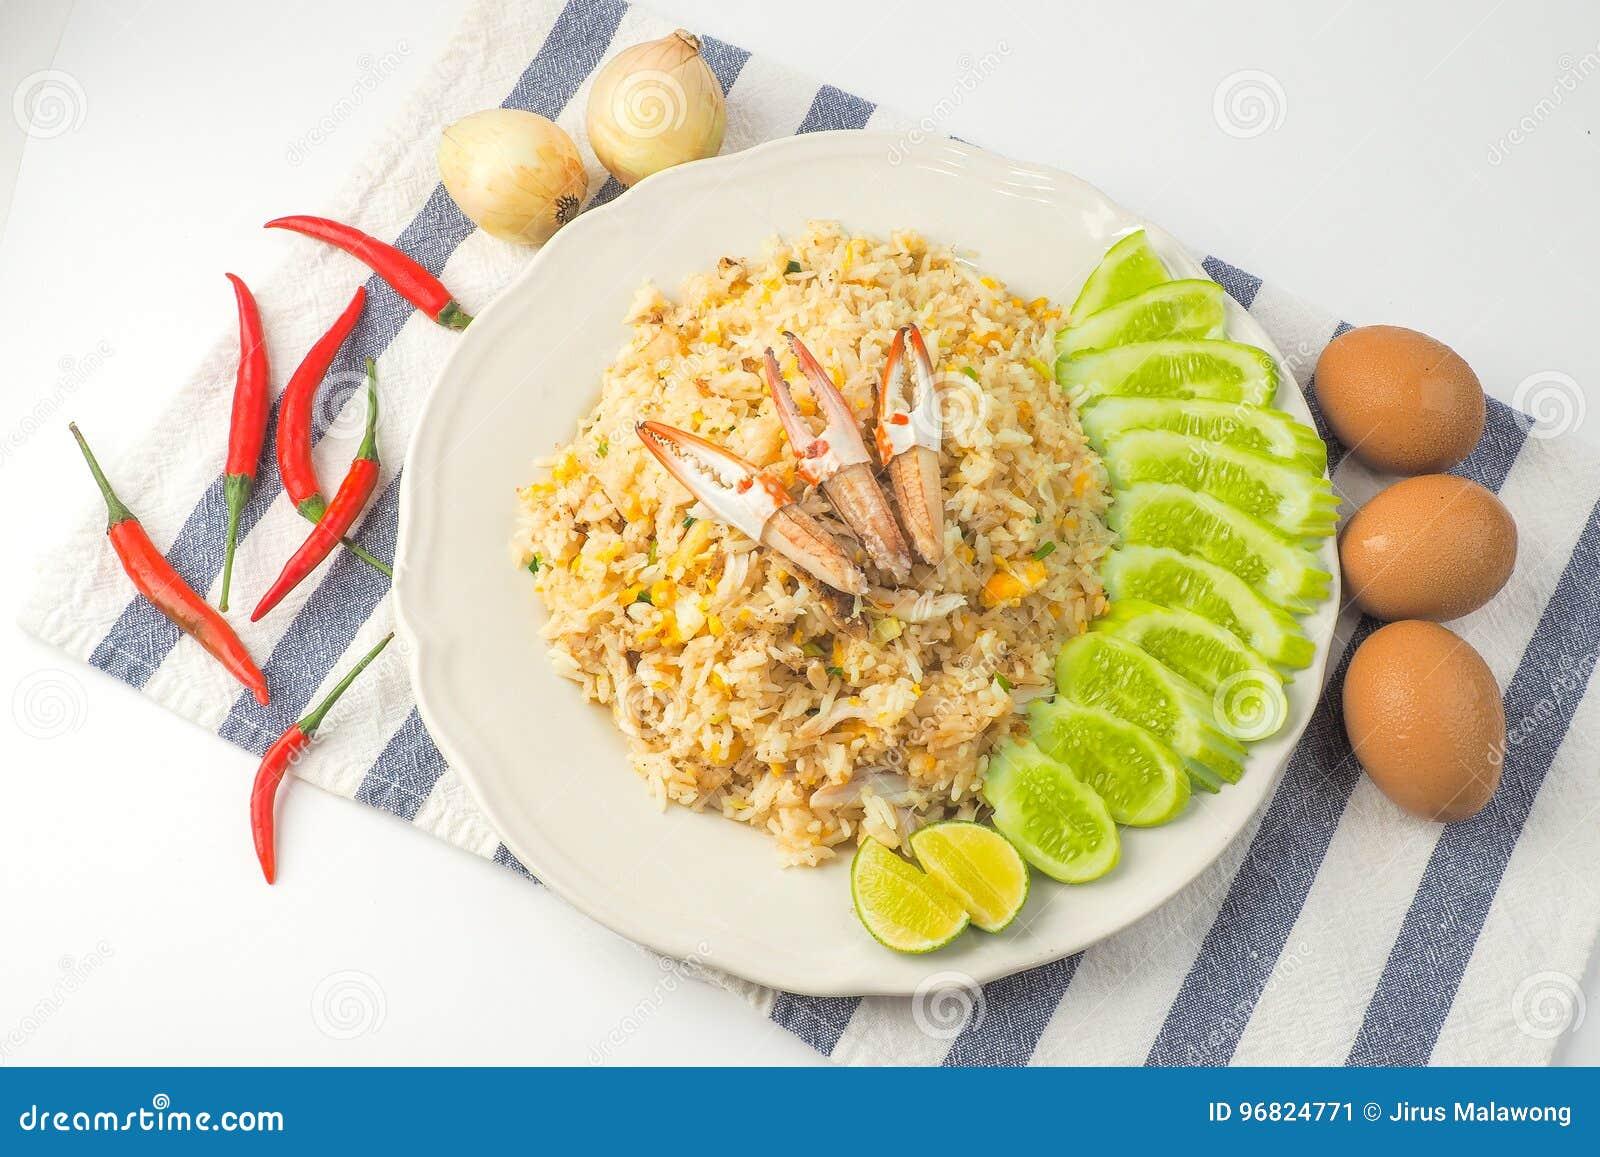 Crab o arroz fritado no fundo branco, alimento tailandês